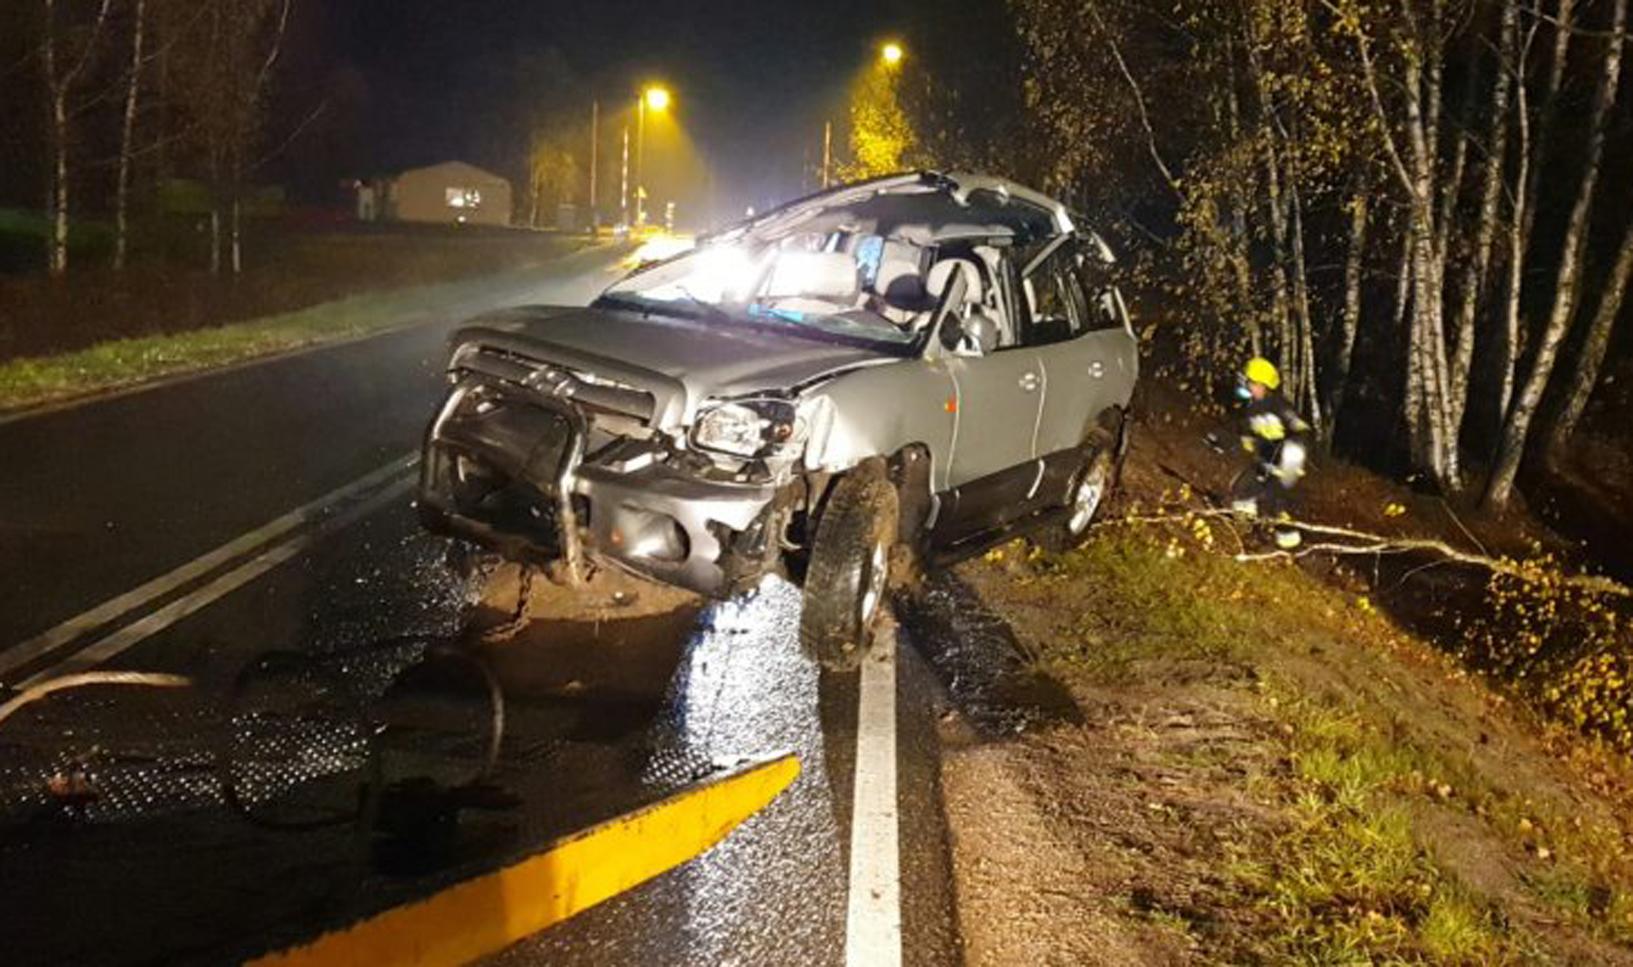 Policja o wczorajszym wypadku w Krzątce |ZDJĘCIA| - Zdjęcie główne